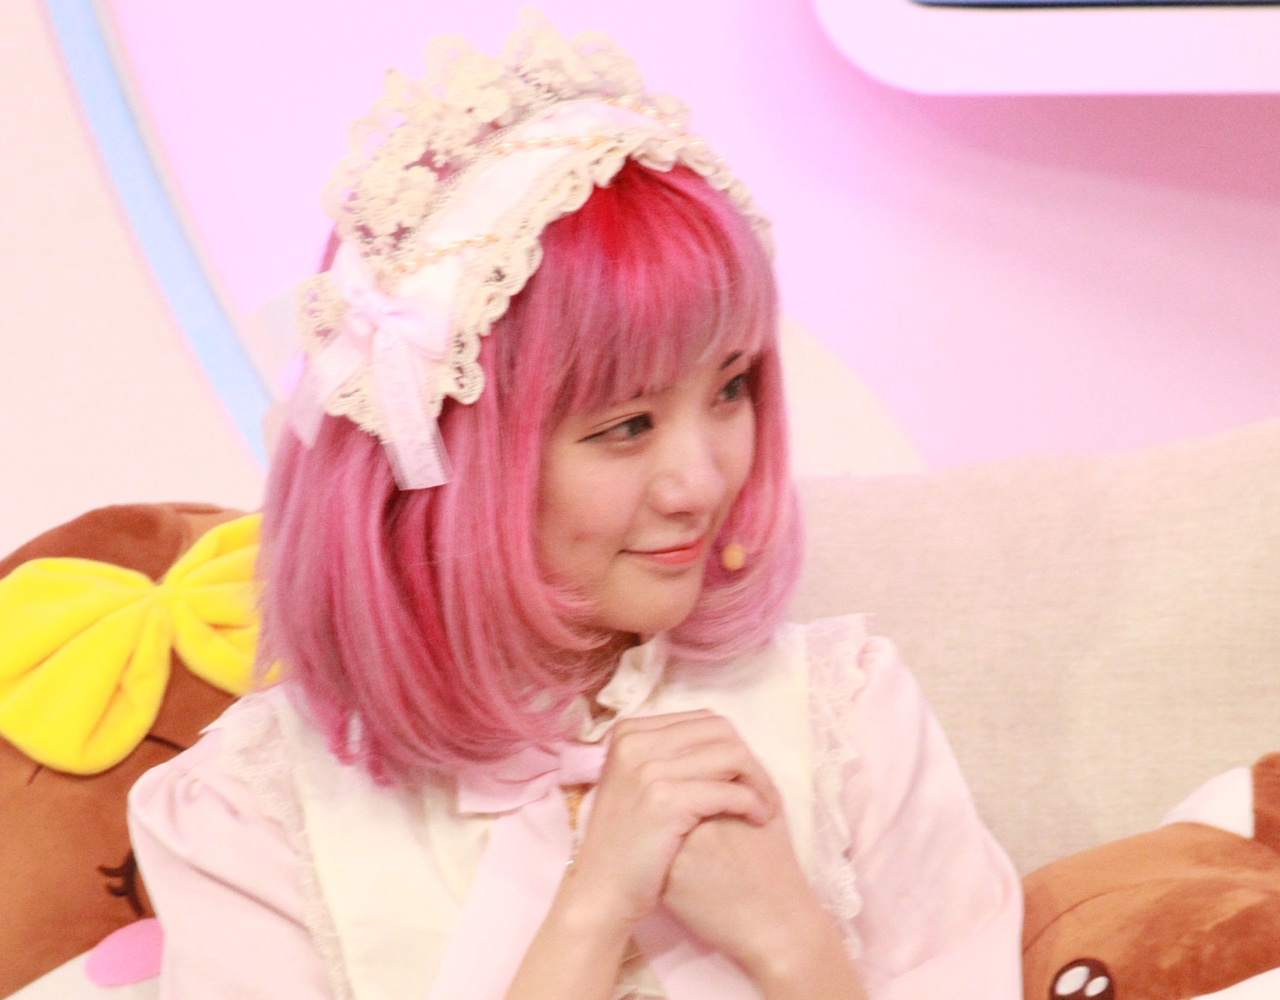 宅男福利,粉色系撩妹大全